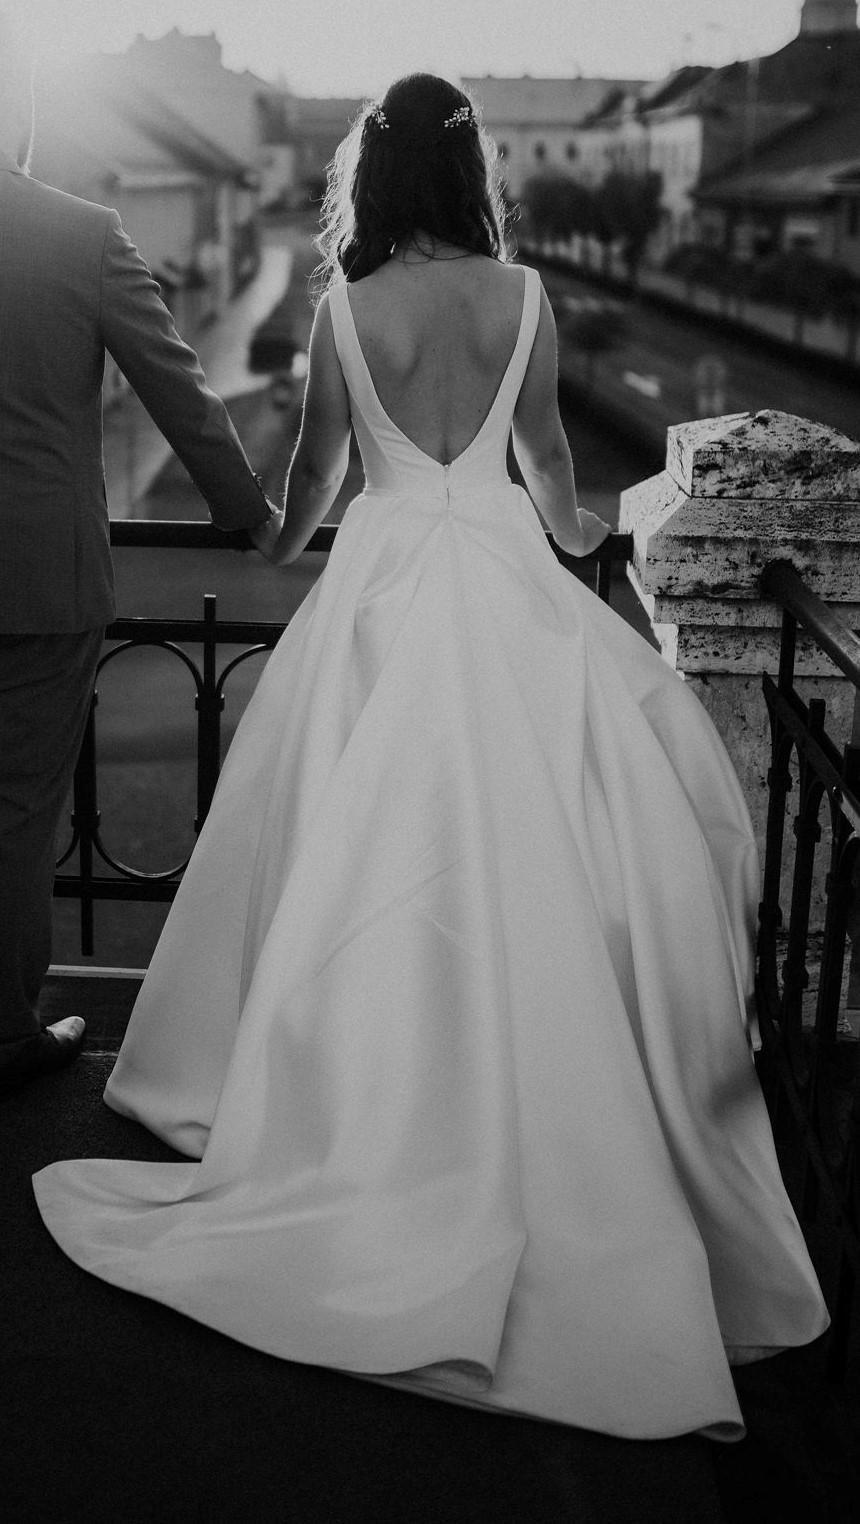 Saténové svadobné šaty s vlečkou - Obrázok č. 1